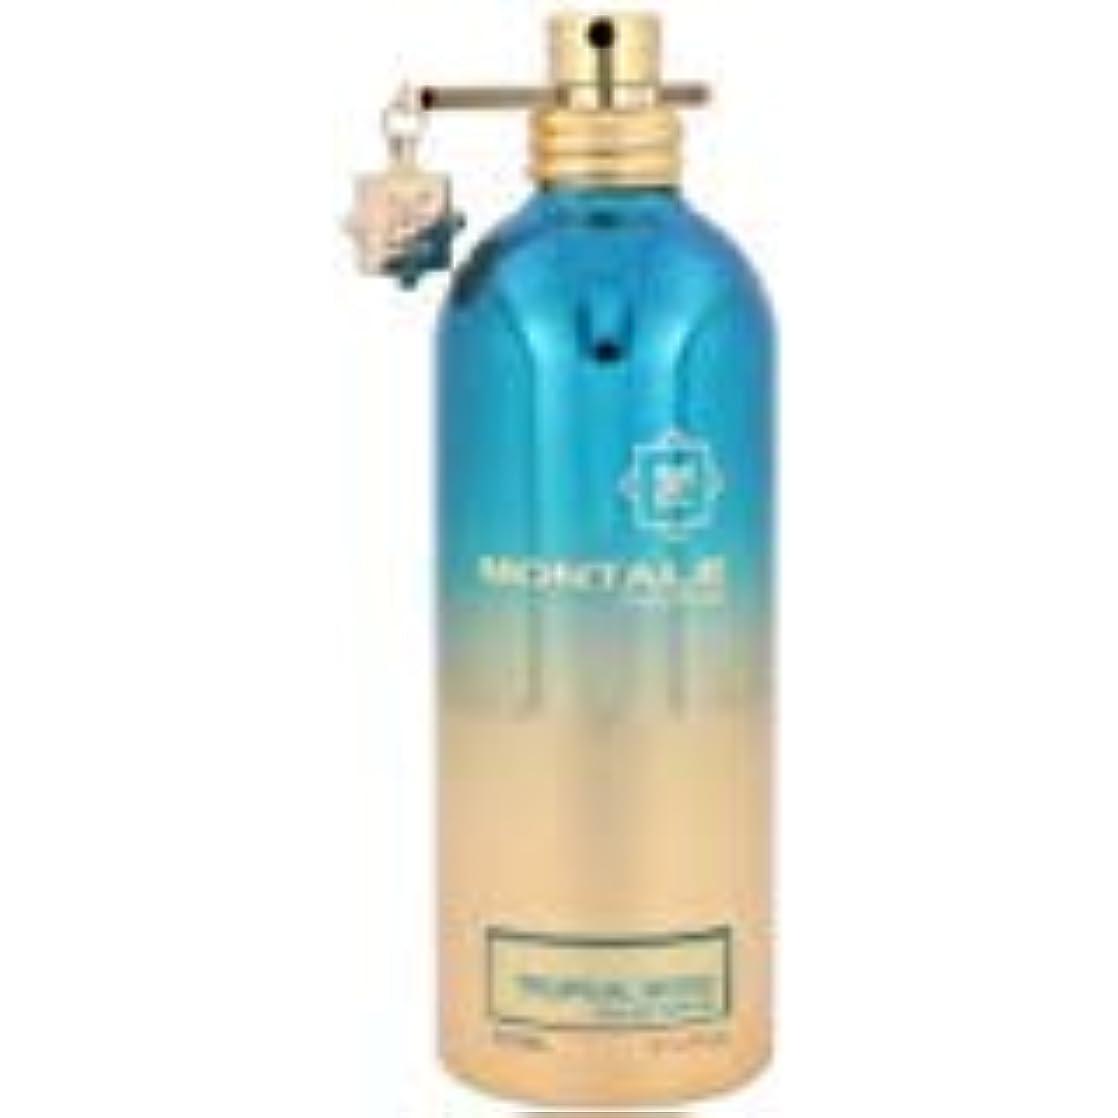 異形飼料好むMONTALE TROPICAL WOOD Eau de Perfume 100ml Made in France 100% 本物モンターレ熱帯木材香水 100 ml フランス製 +2サンプル無料! + 30 mlスキンケア無料!